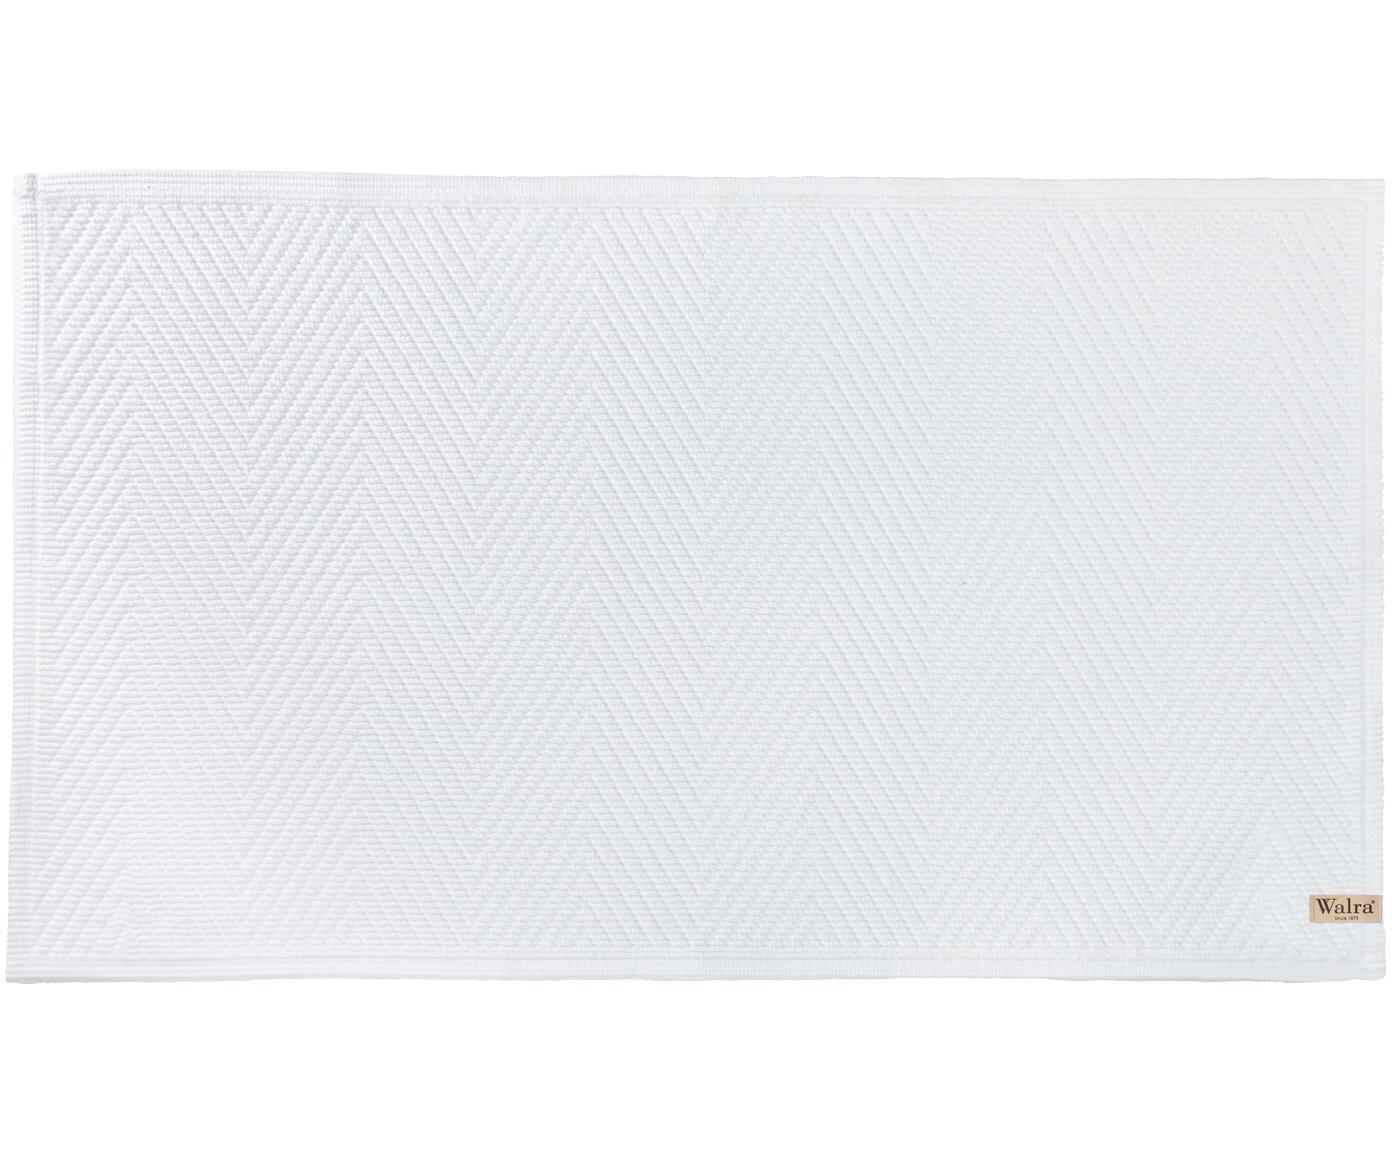 Zachte katoenen badmat met visgraatmotief., Katoen, Wit, 60 x 100 cm